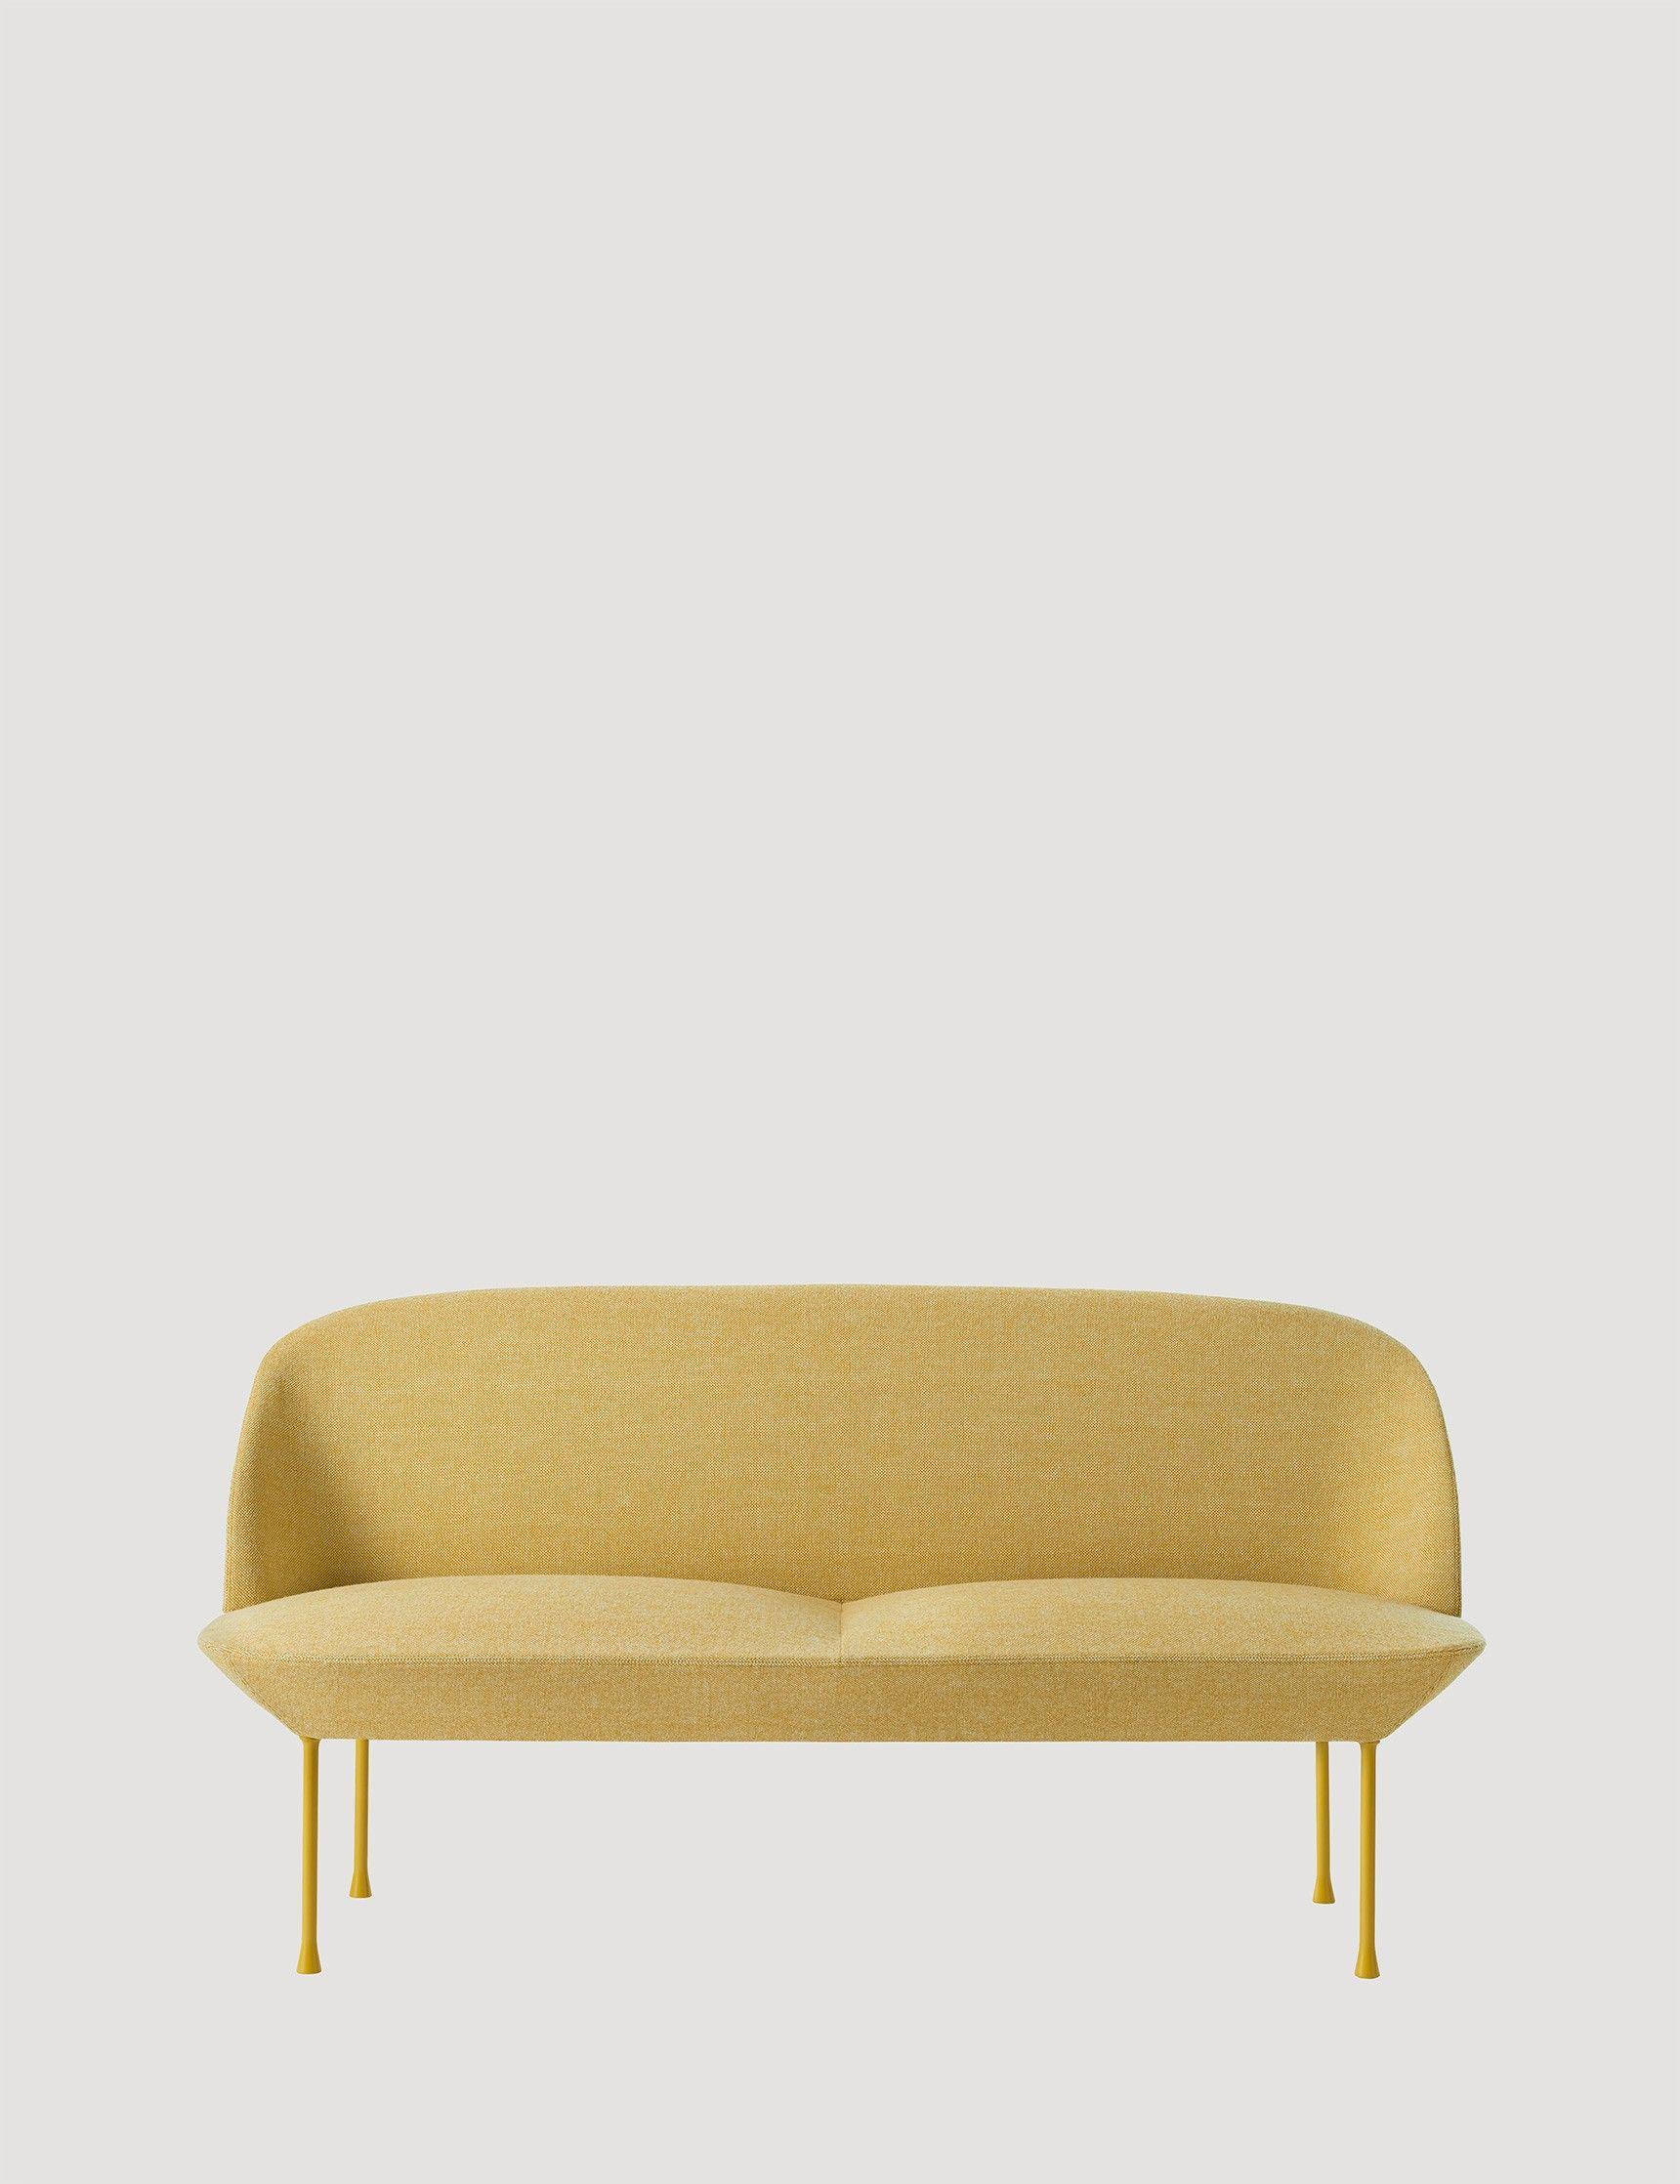 Oslo Modern Scandinavian Design 2 Seat Sofa By Muuto Muuto Sofas Pinterest Oslo